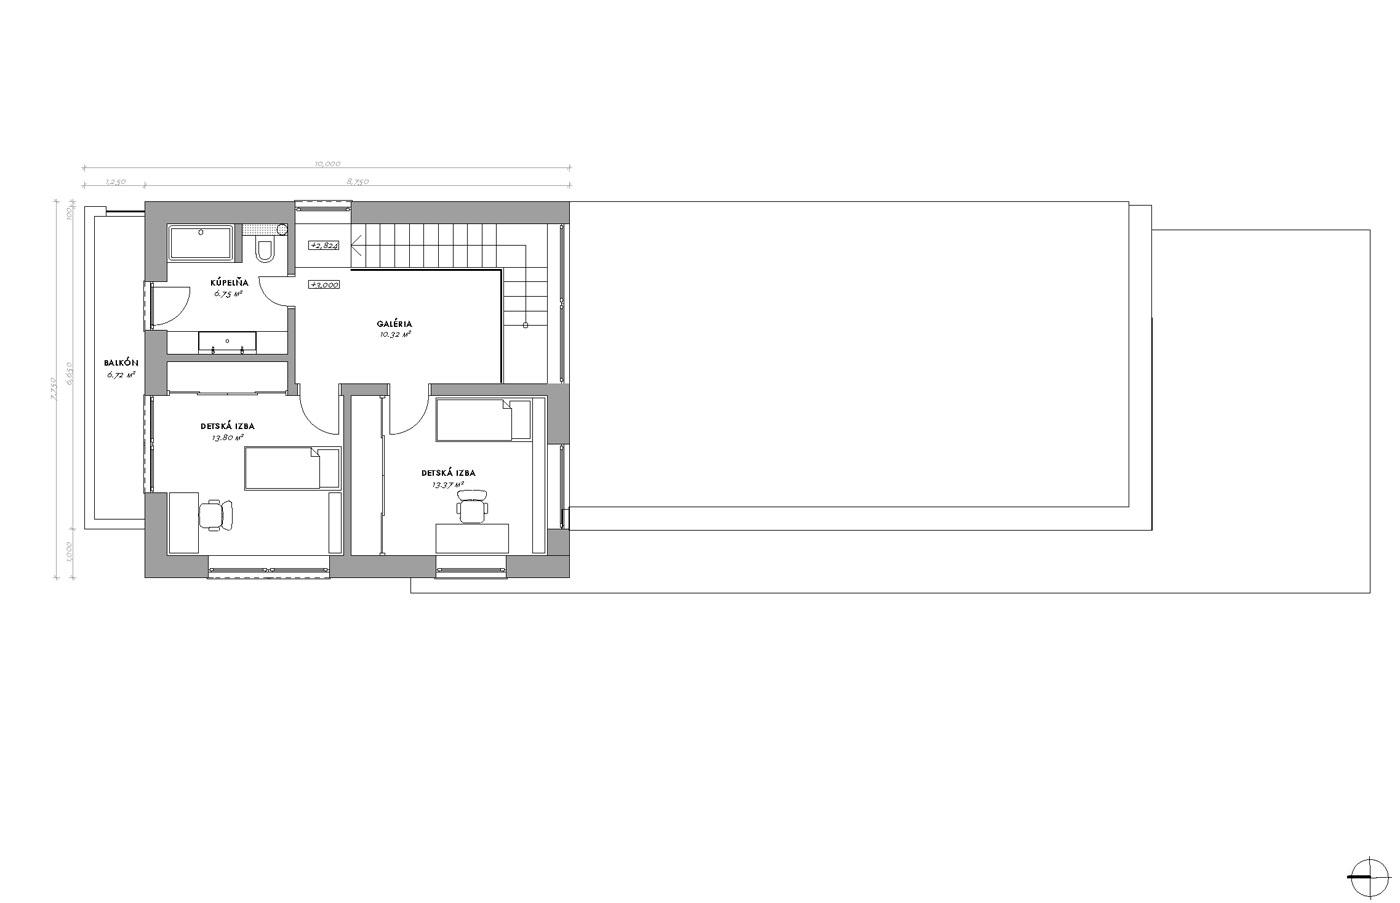 Dom úžší ako garáž – Šúrovce